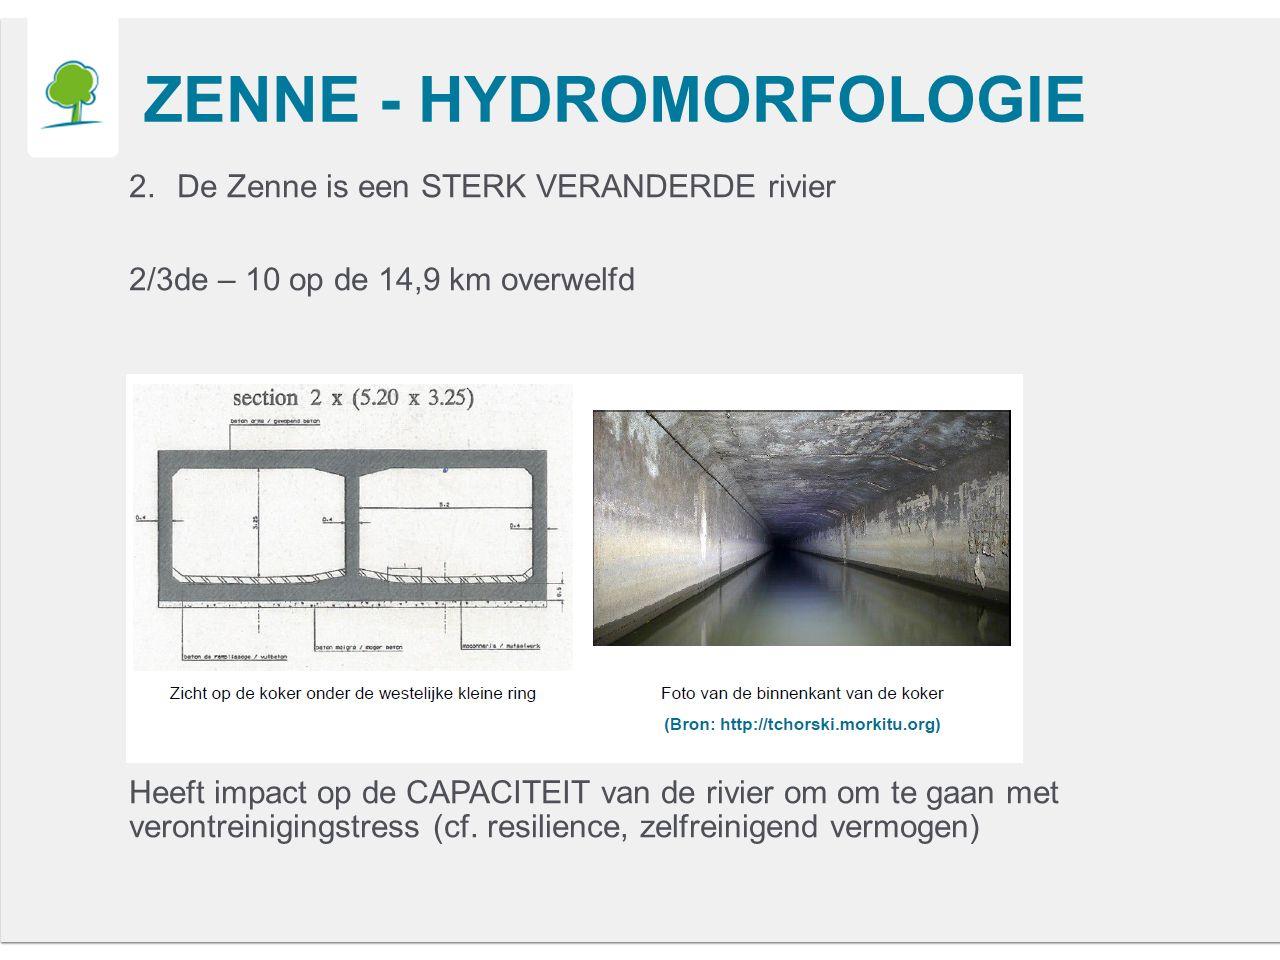 ZENNE - HYDROMORFOLOGIE 2.De Zenne is een STERK VERANDERDE rivier 2/3de – 10 op de 14,9 km overwelfd Heeft impact op de CAPACITEIT van de rivier om om te gaan met verontreinigingstress (cf.